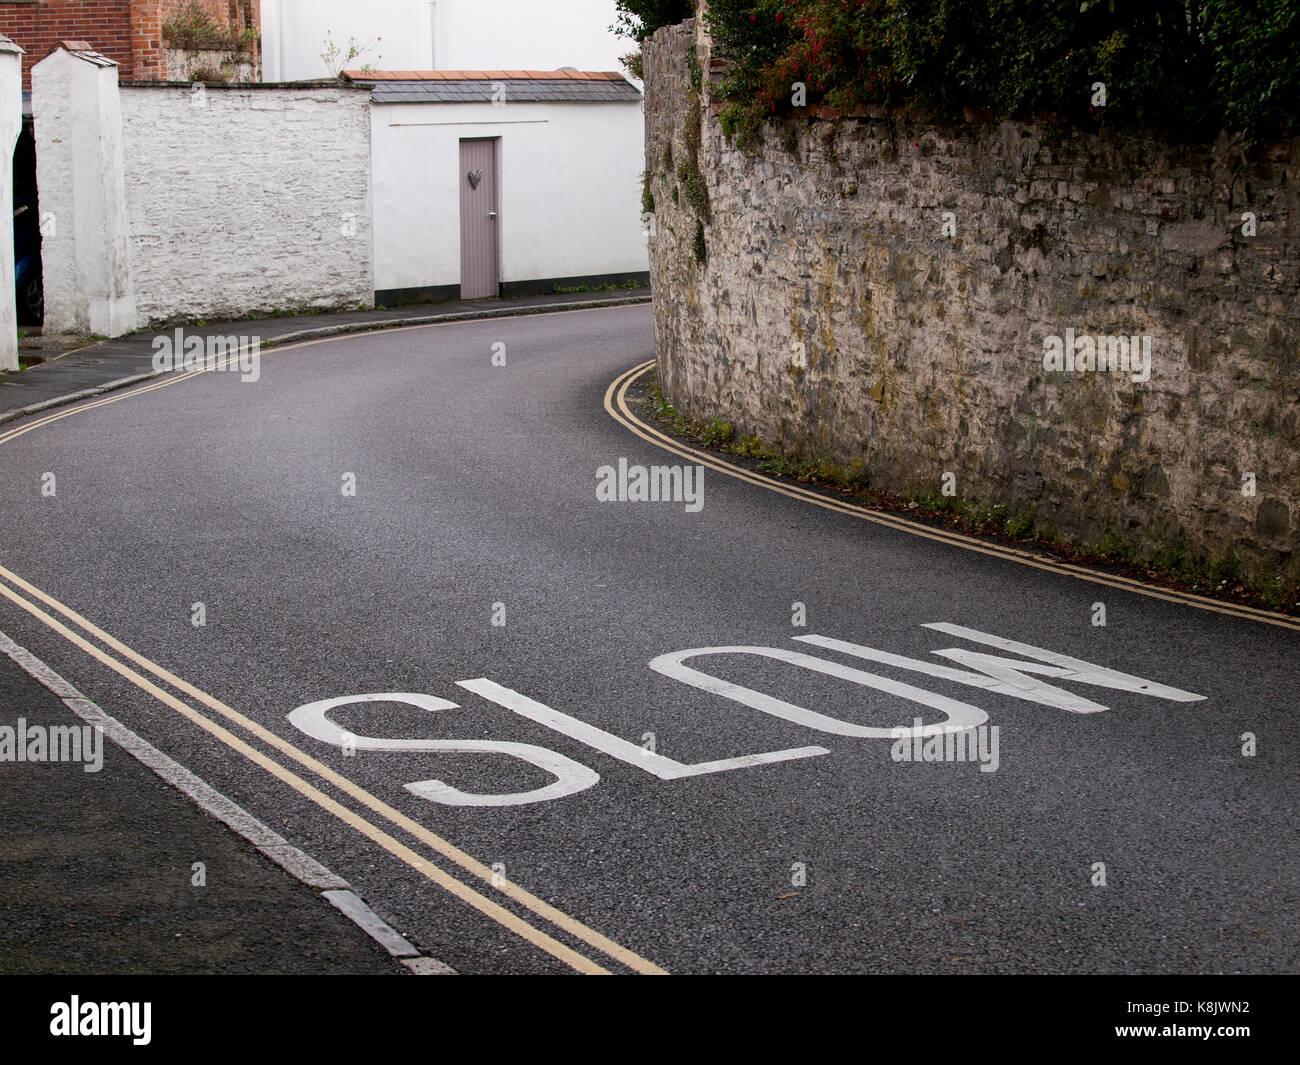 Le marquage routier lente peint sur un revêtement routier Photo Stock